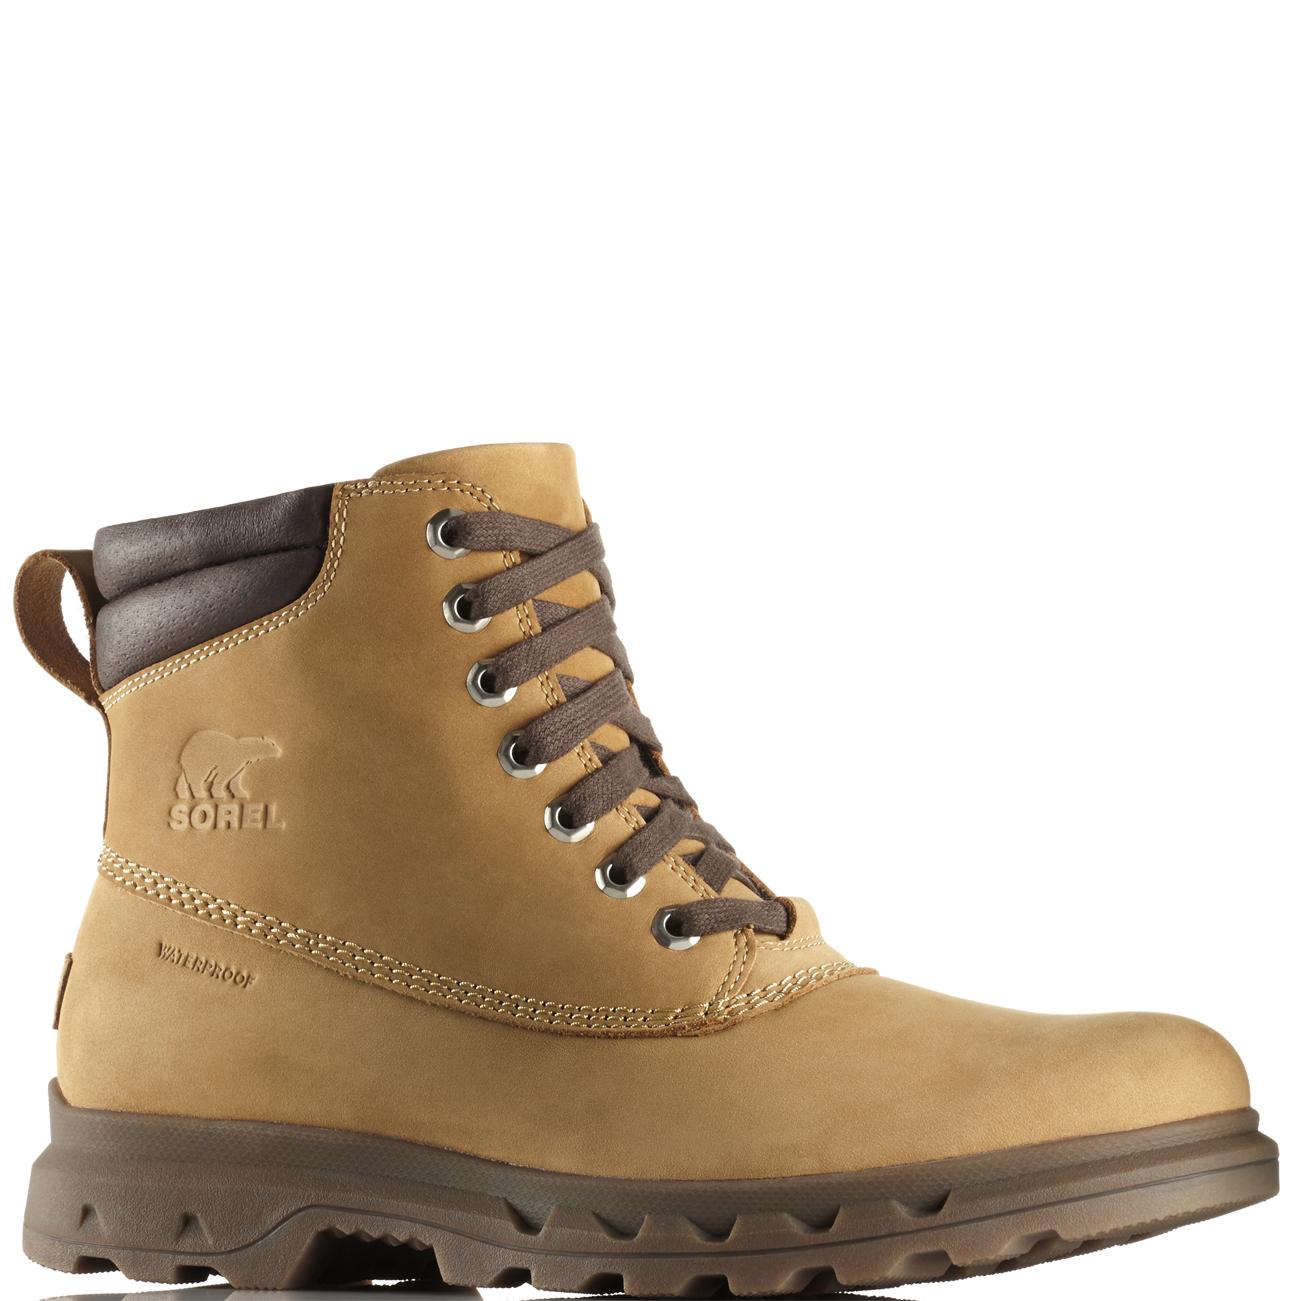 c1263e9c7e8 Details about Mens Sorel Portzman Lace Winter Nubuck Rain Snow Ankle  Waterproof Boots US 8-13